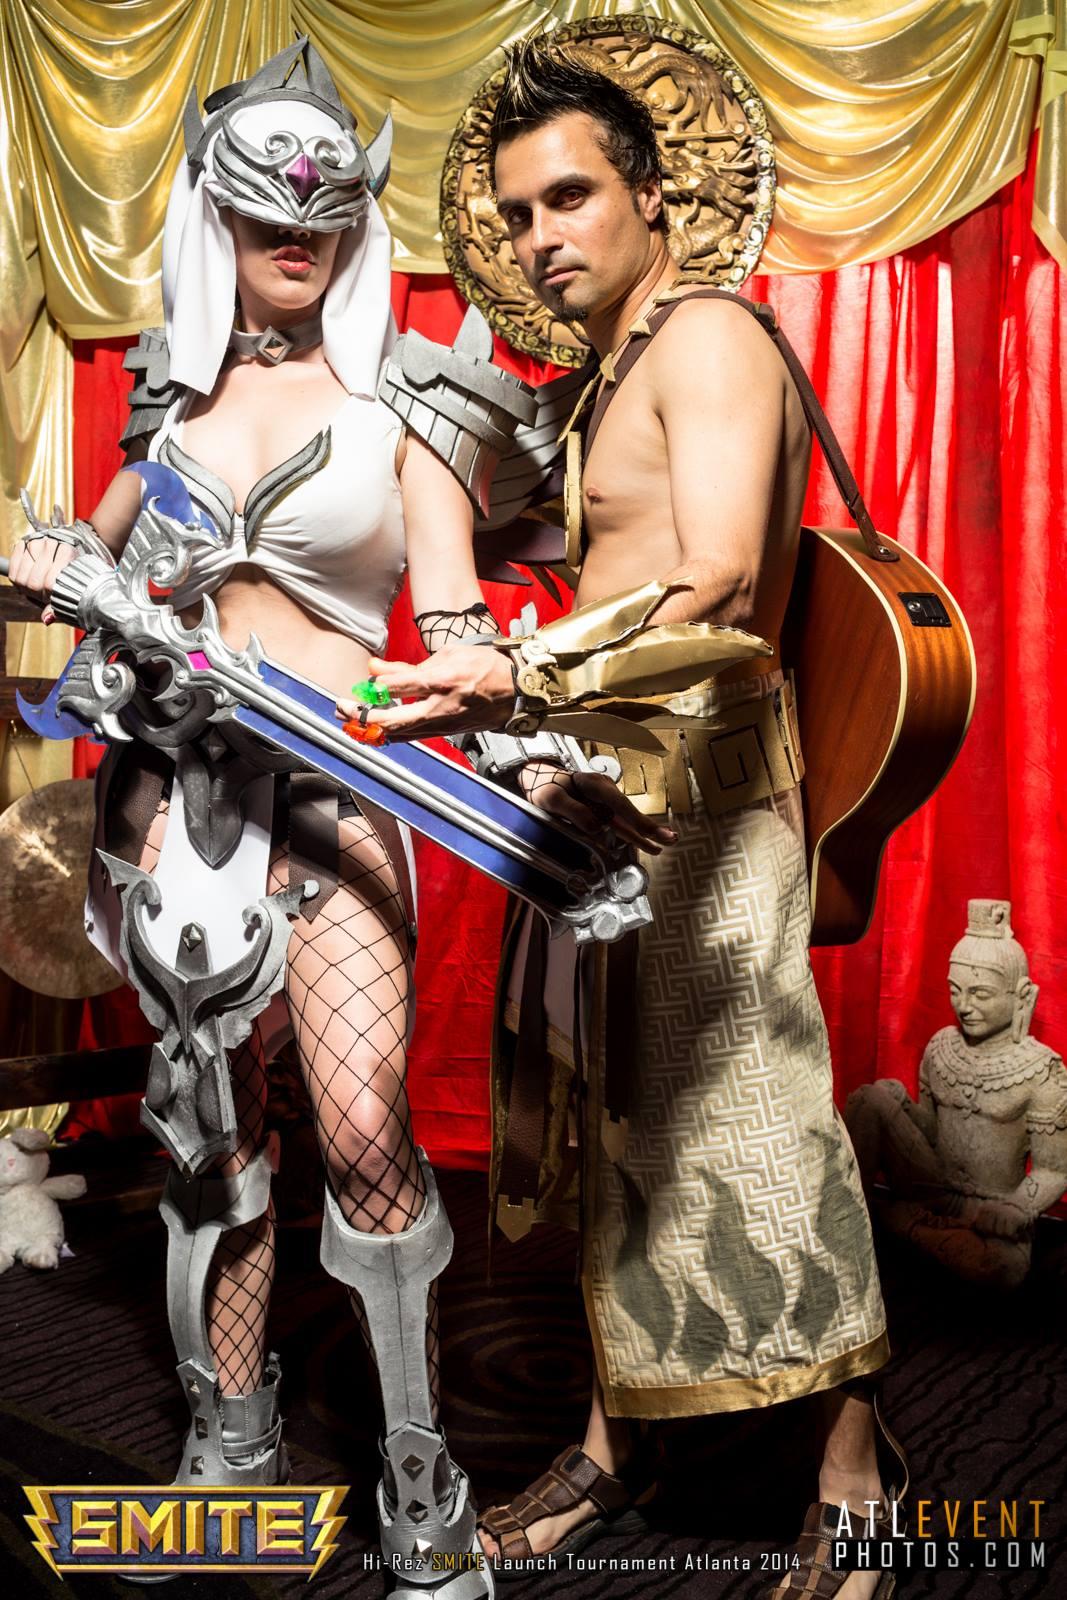 Ngắm cosplay tại SMITE Launch Tournament - Ảnh 51